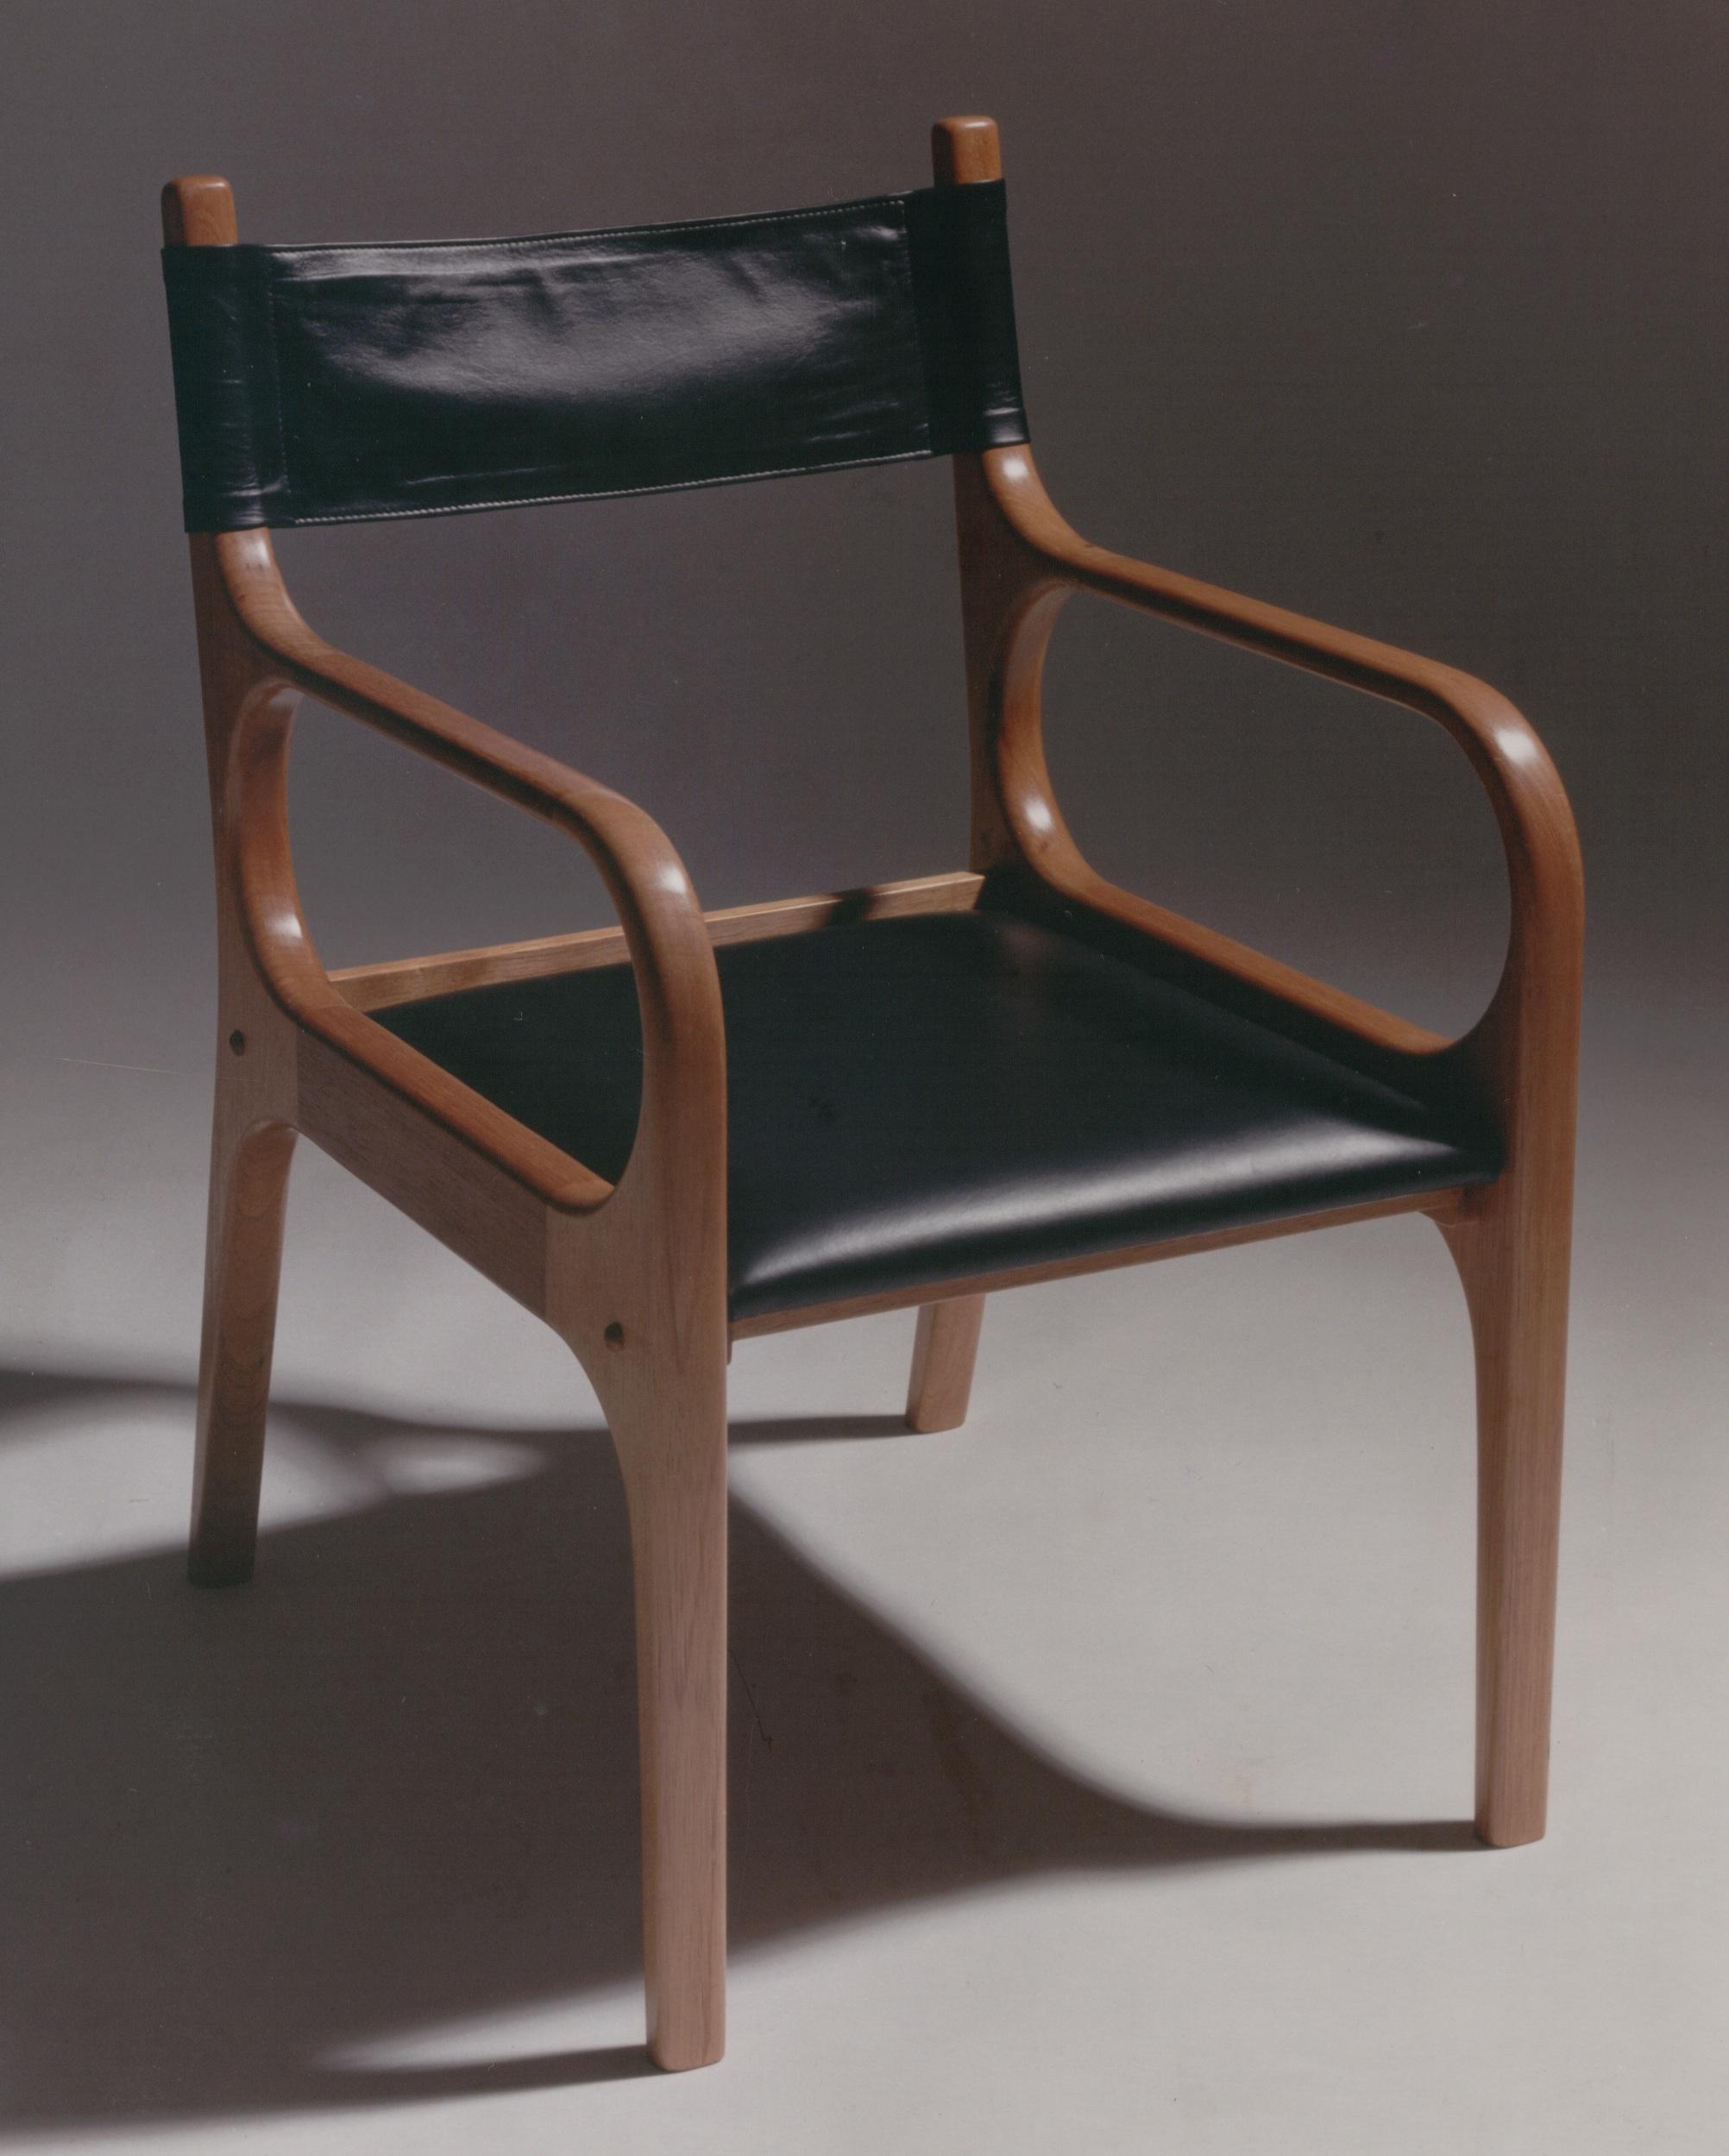 Design nacional de móveis em exposição no Museu Histórico Nacional